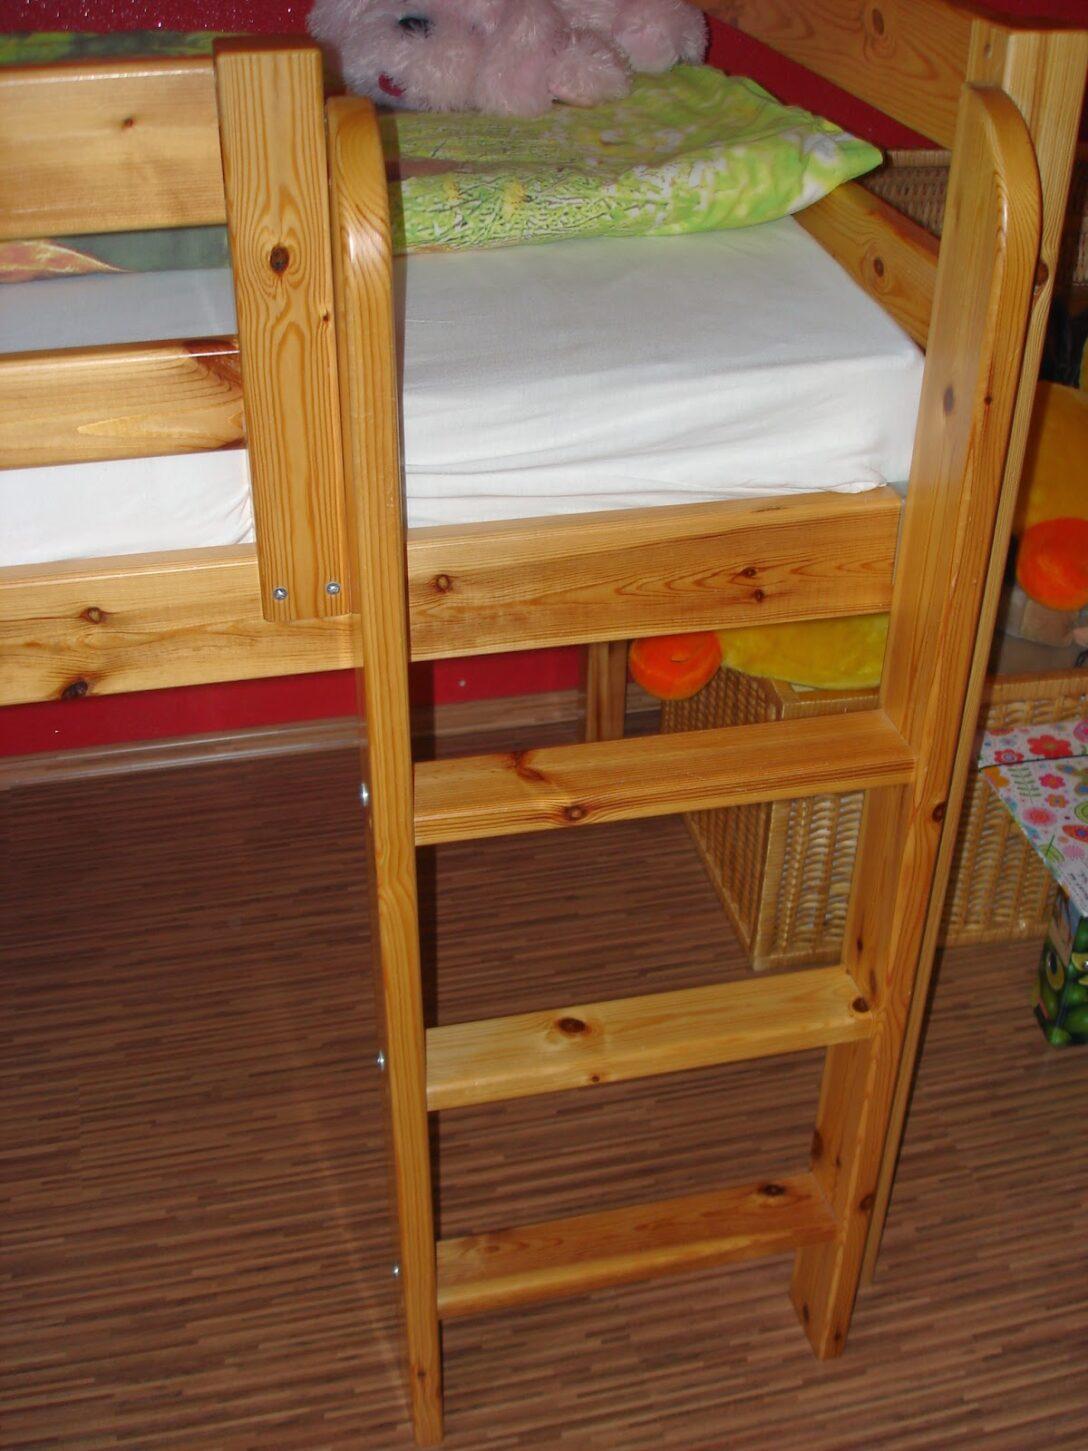 Large Size of Kinderbett Diy Haus Bauanleitung Ikea Anleitung Baldachin Ideen Rausfallschutz Wohnzimmer Kinderbett Diy